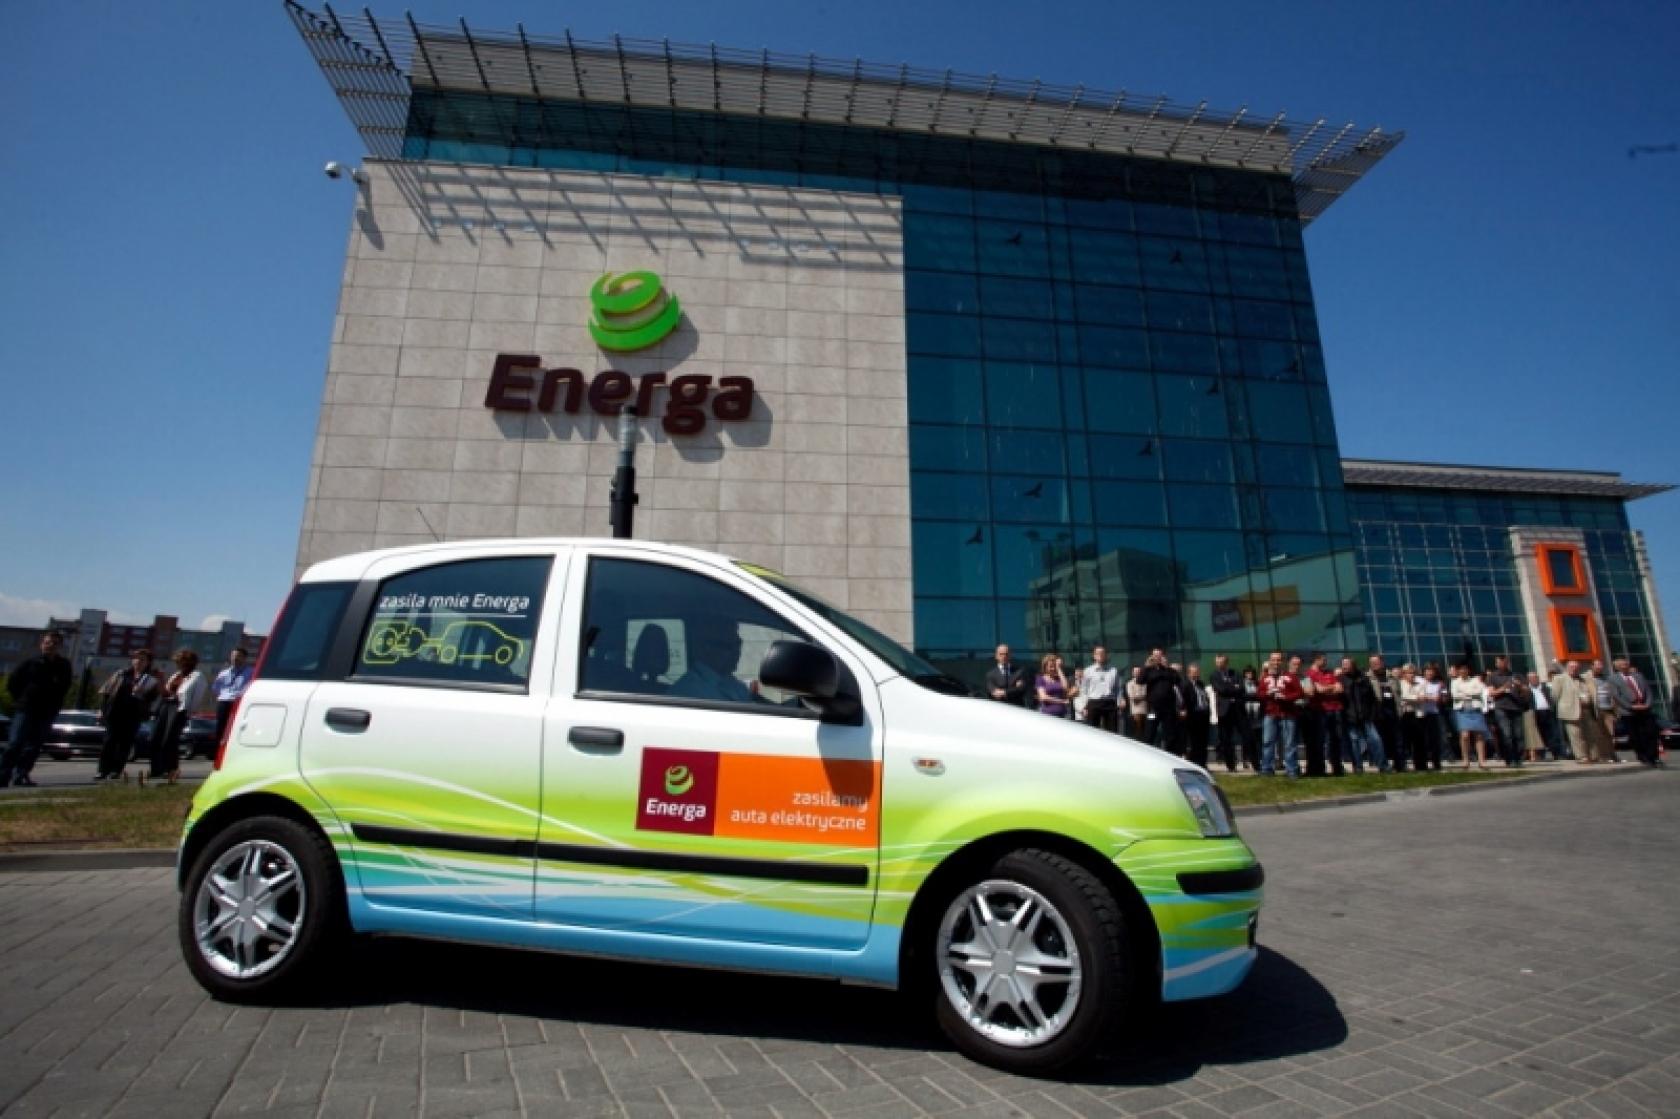 Ogromny Energa - największa i jedyna flota pojazdów elektrycznych w Polsce TD68